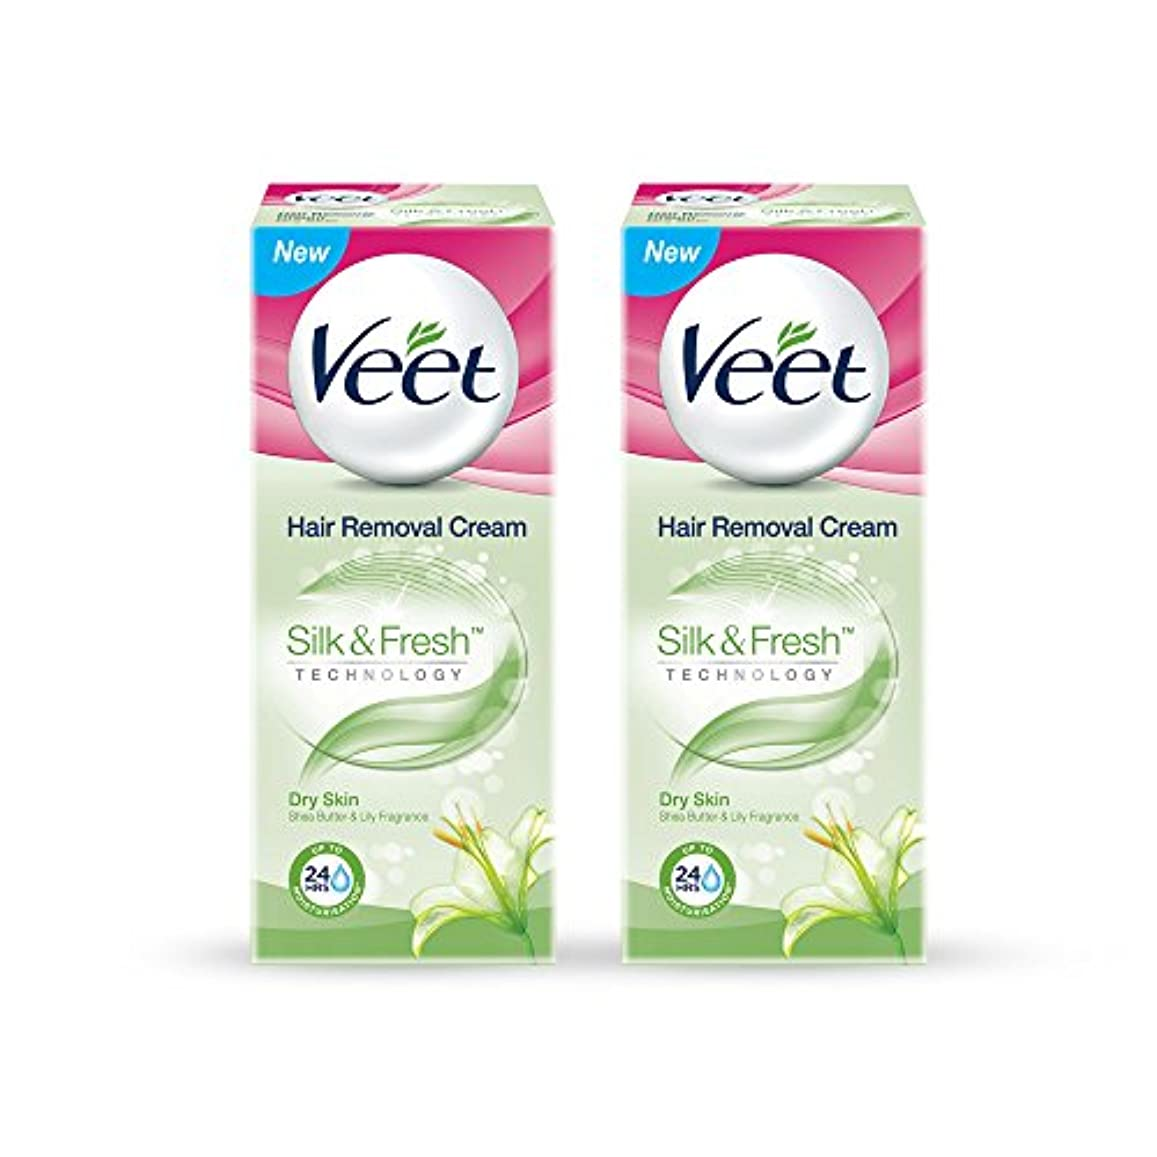 旅アラブサラボサイクロプスVeet Hair Removal Gel Cream for Dry Skin with Shea Butter & Lily Fragrance 25 g (Pack of 2)